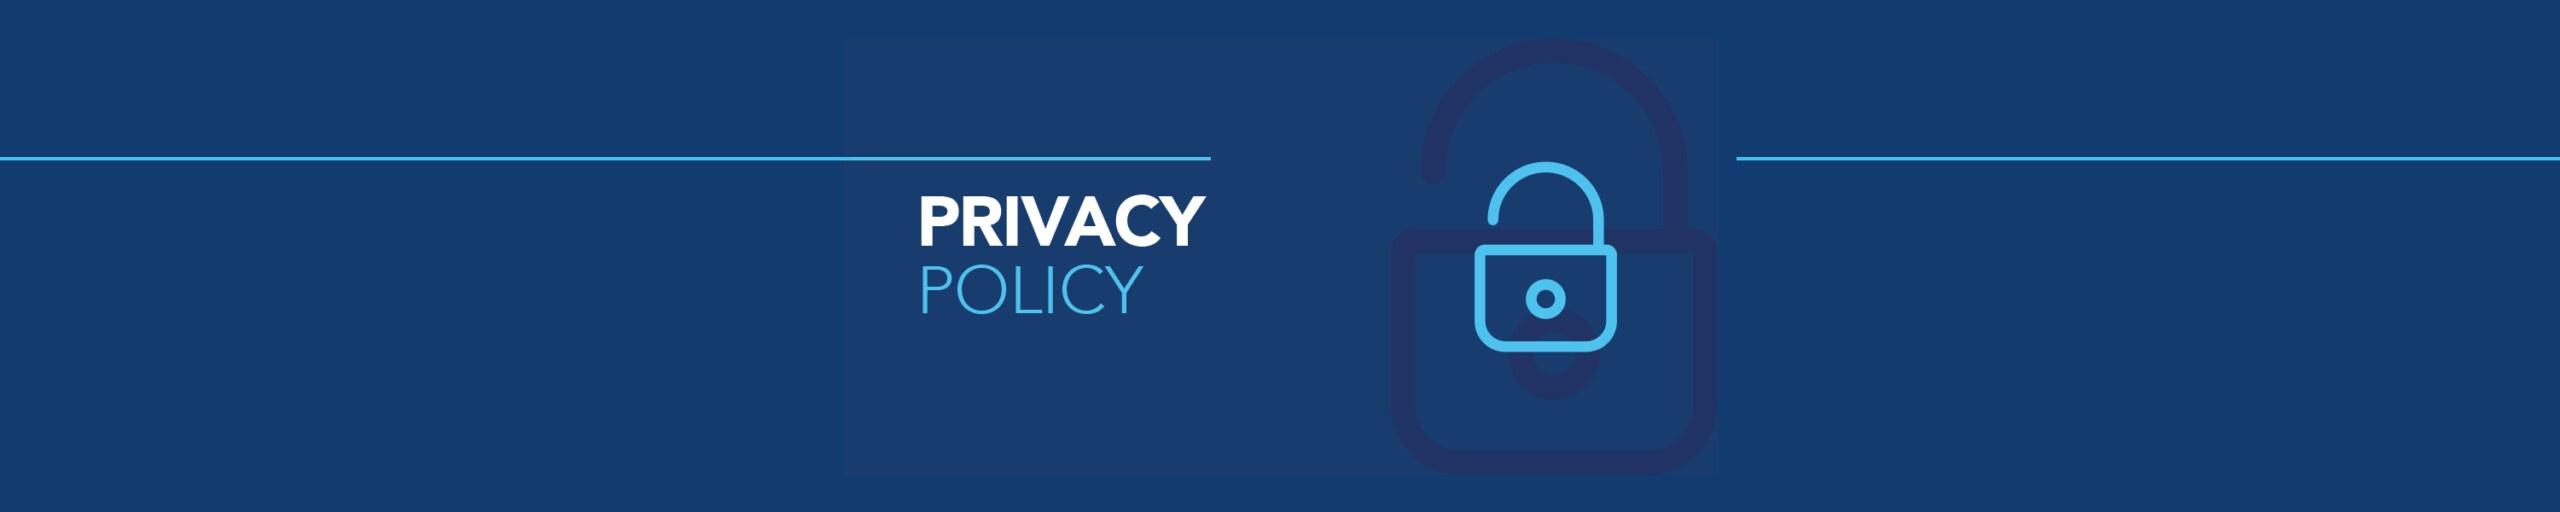 sym-privacy-policy